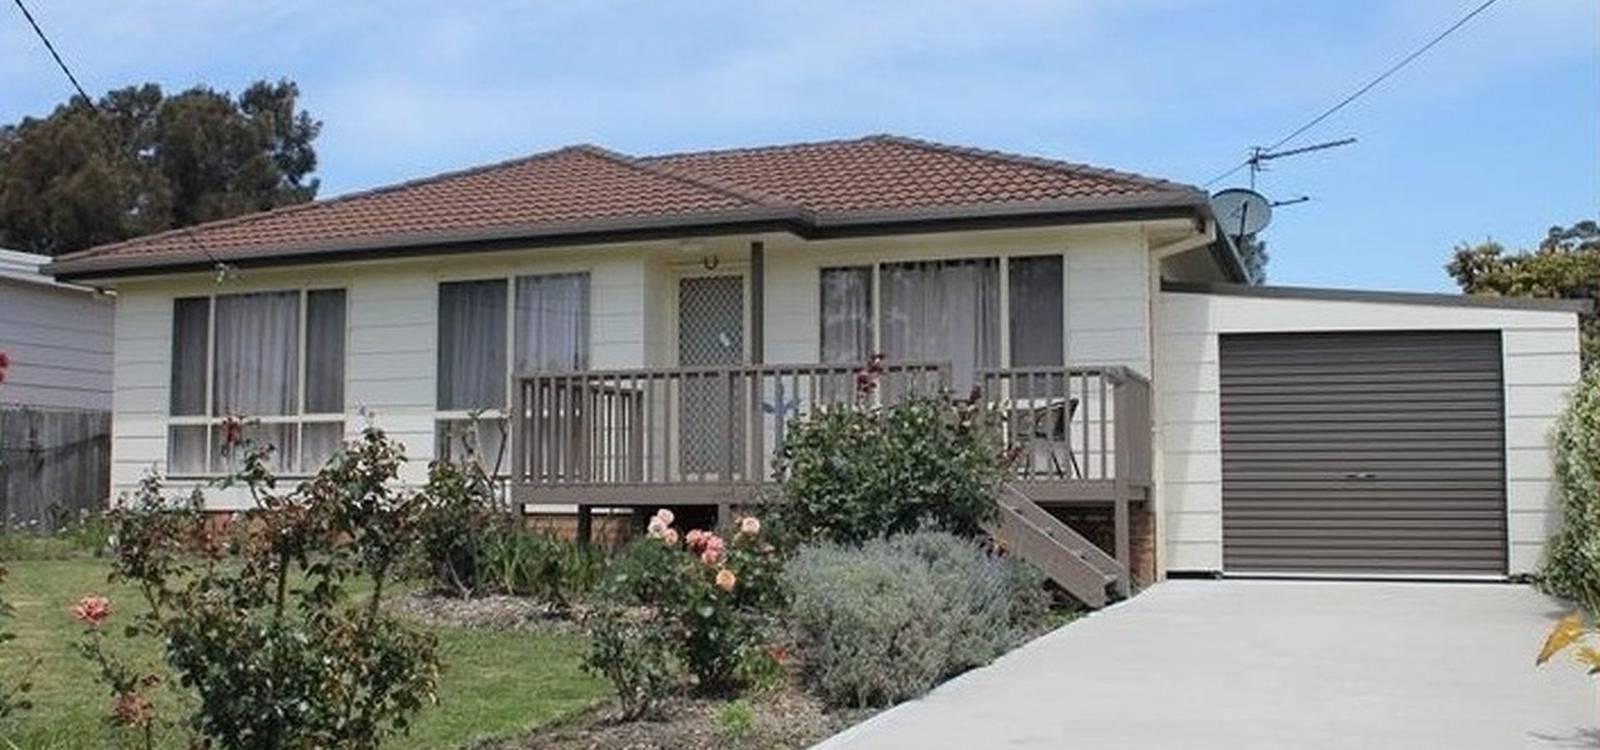 25 Meakin Street TUROSS HEAD, NSW 2537 - photo 1